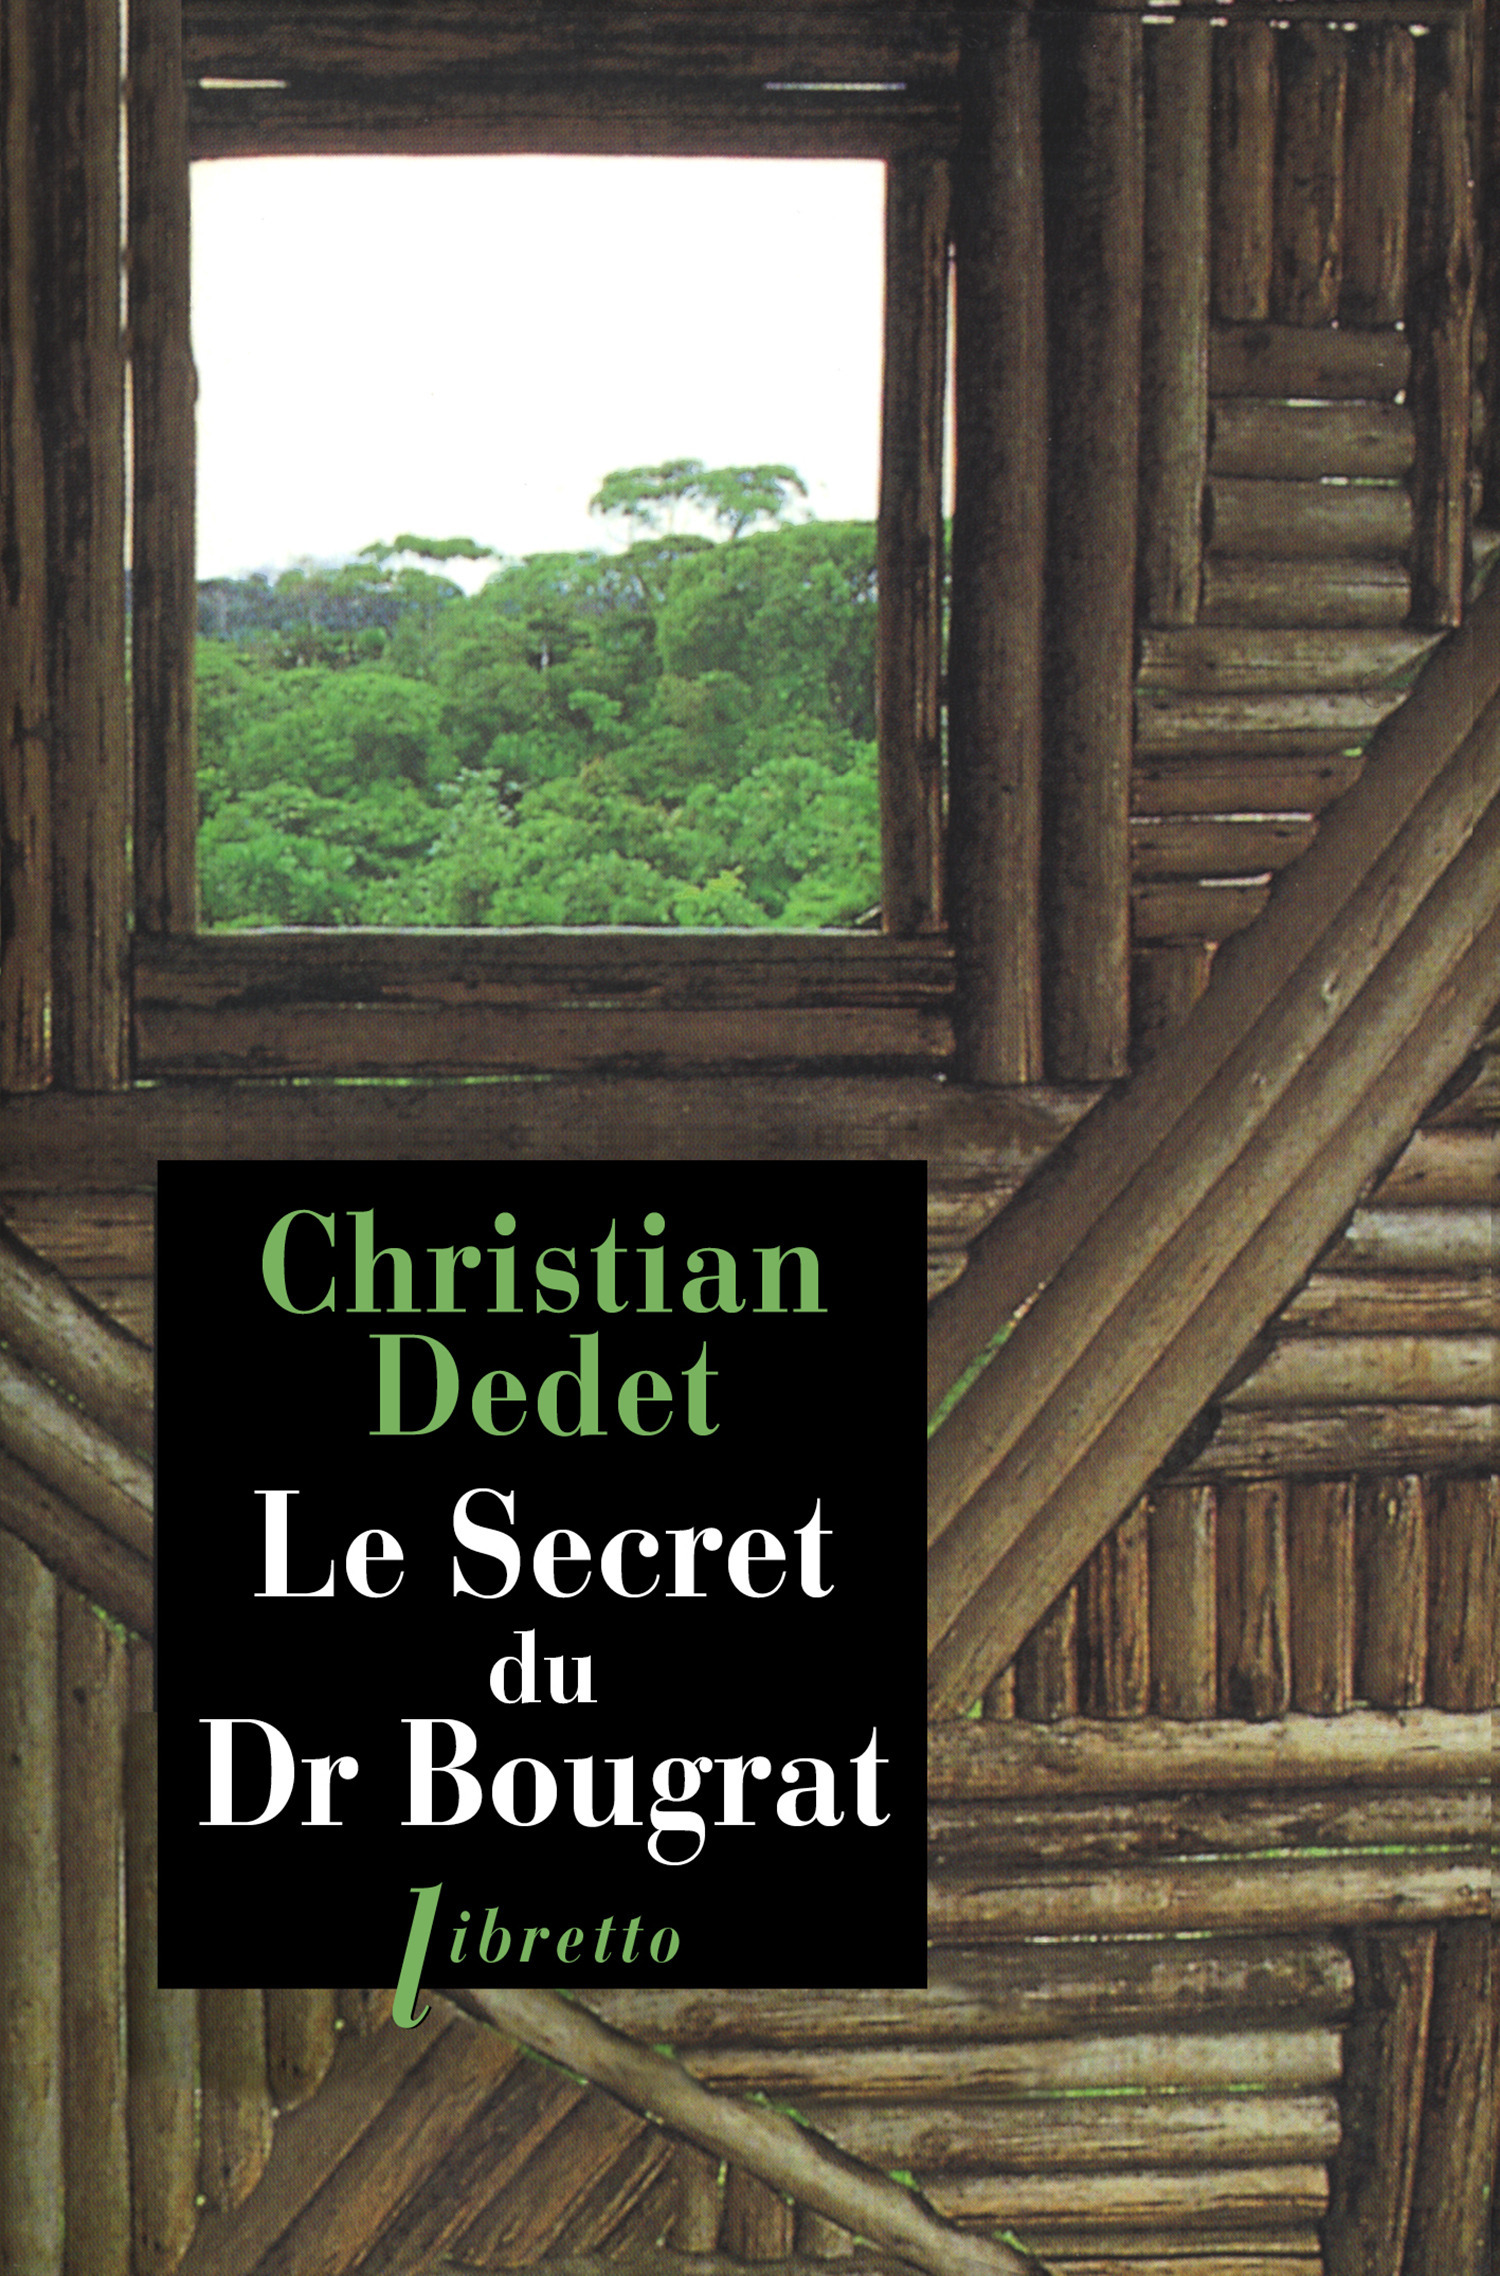 Le secret du Dr Bougrat